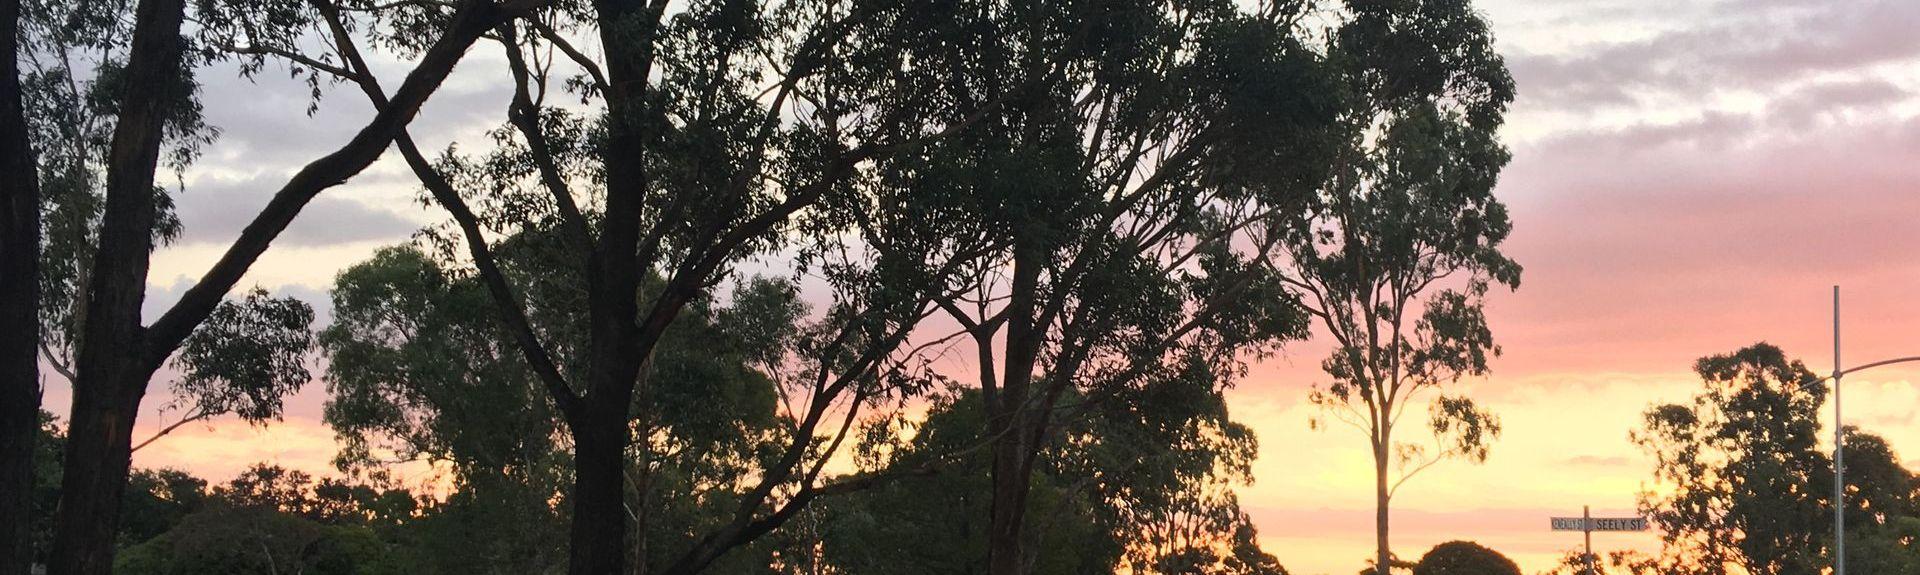 Beaumaris, Melbourne, Victoria, Australia